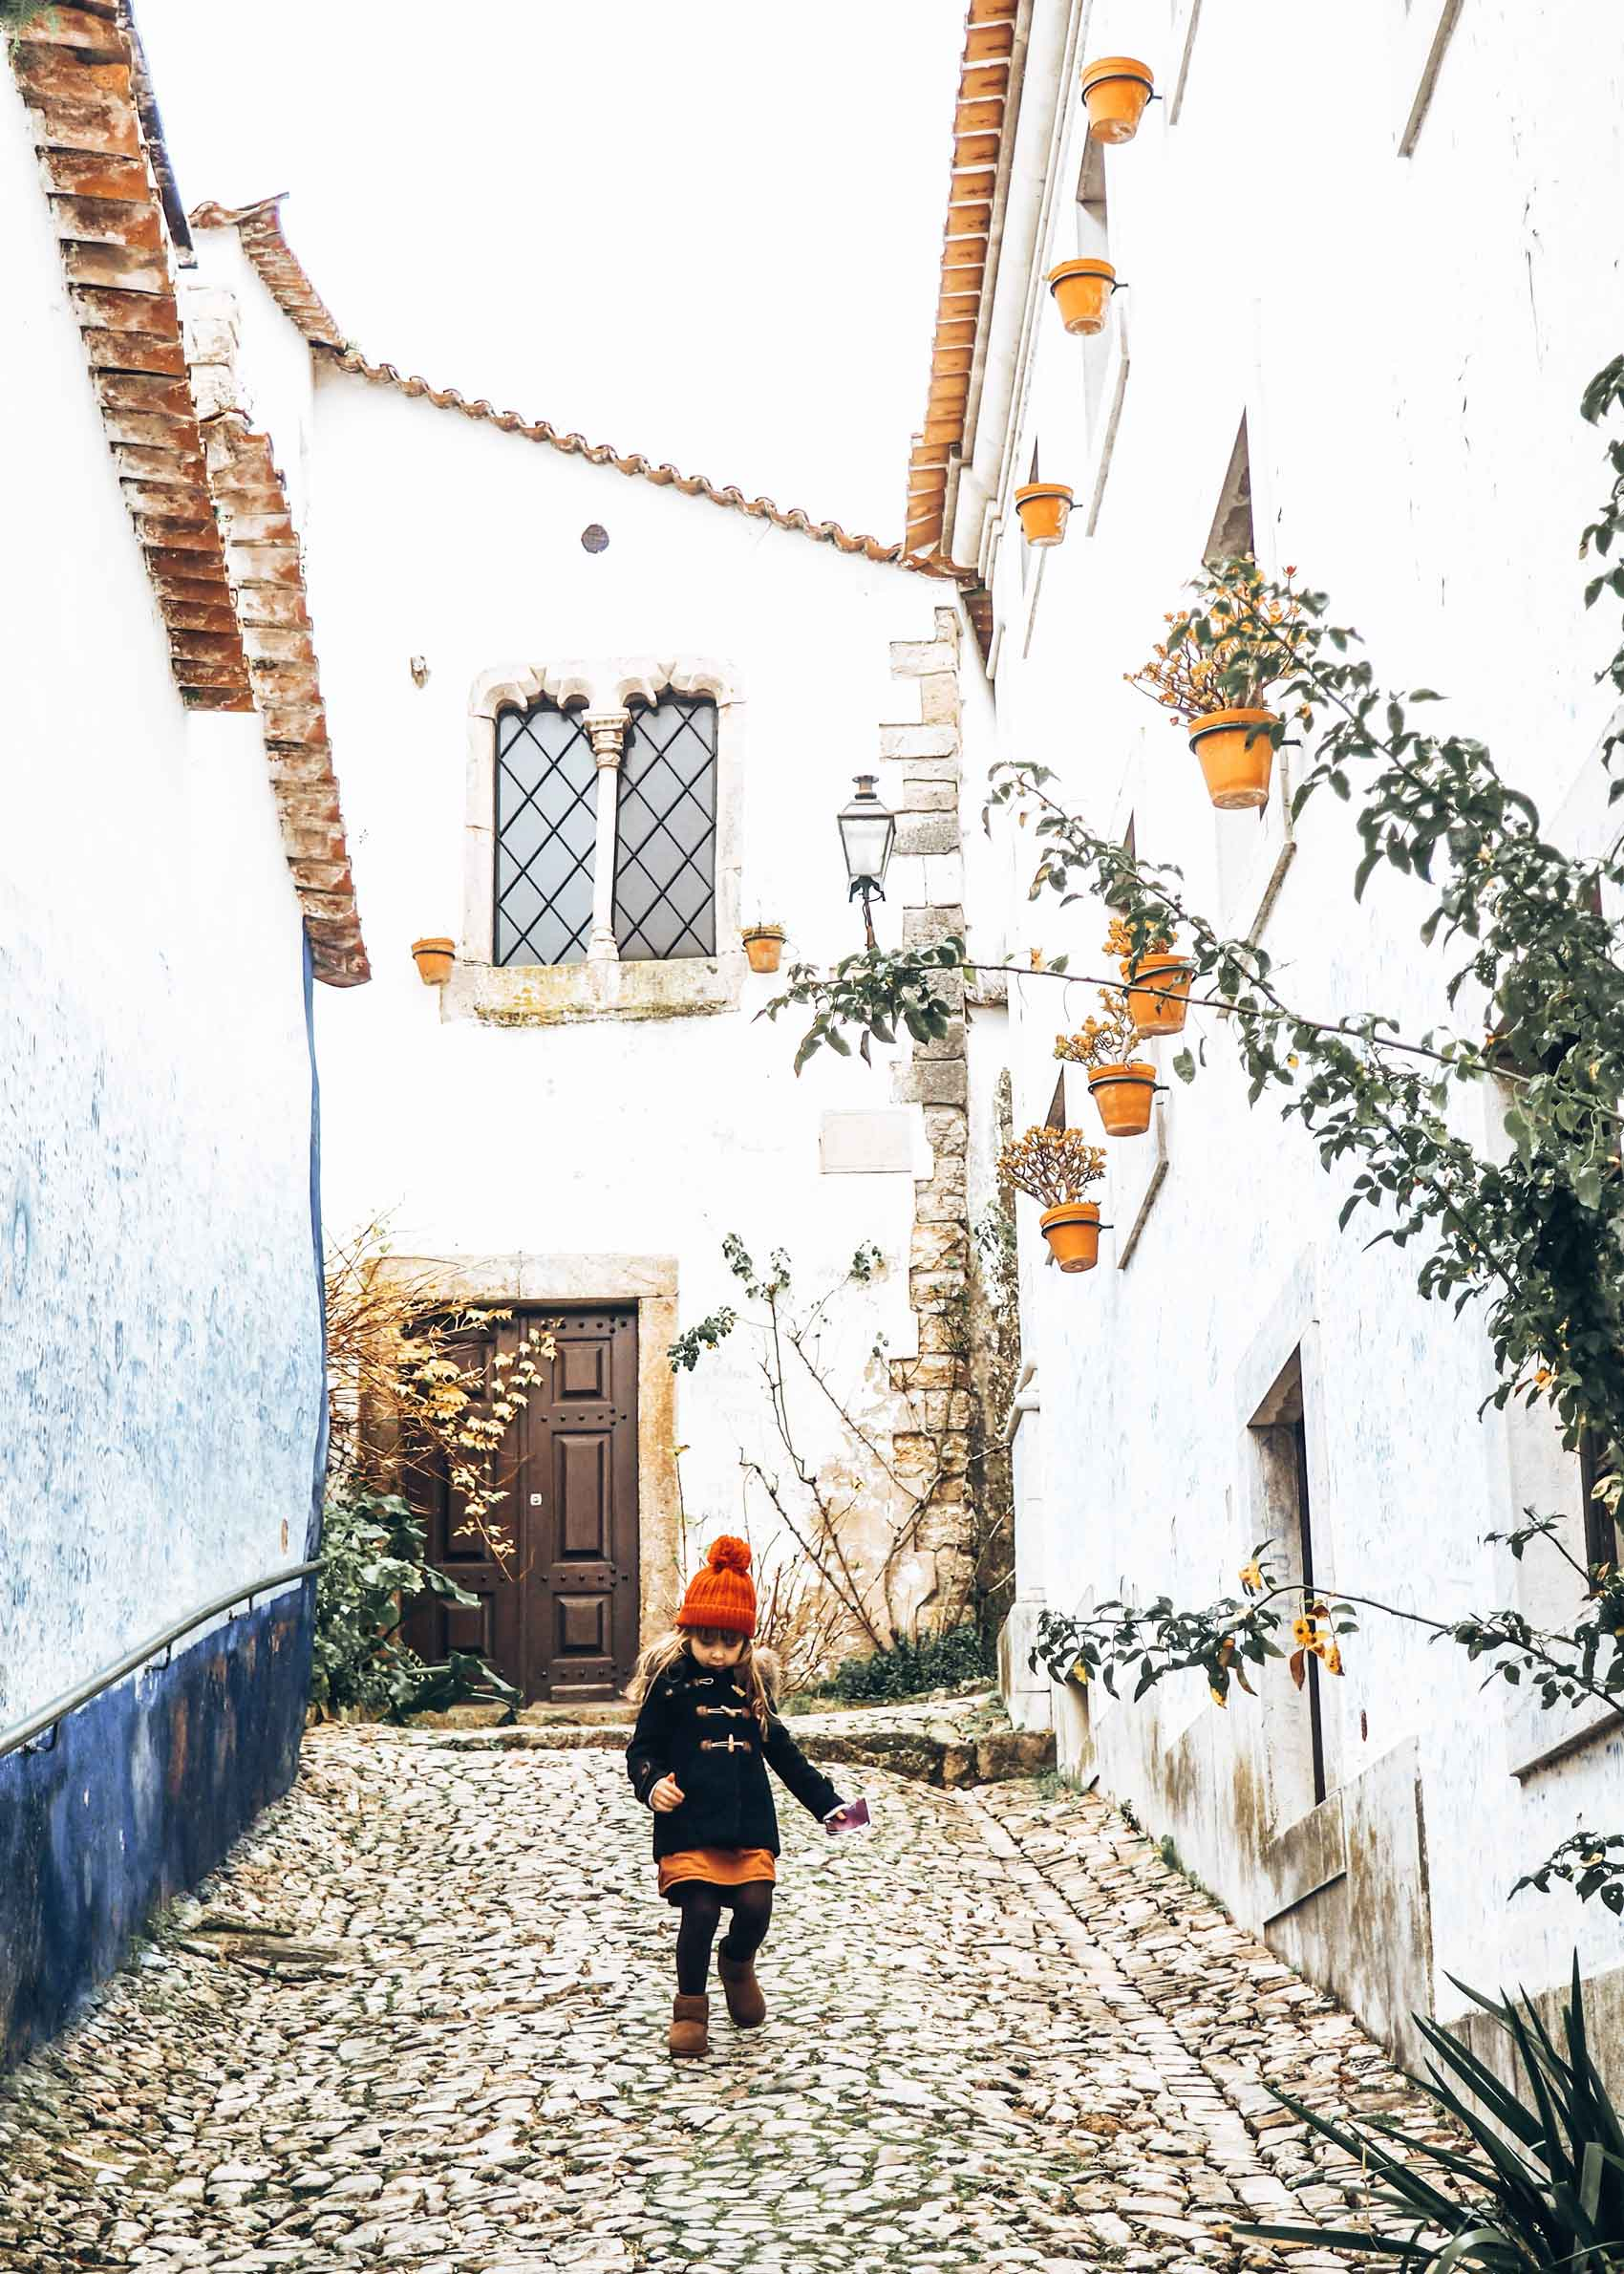 Pueblos bonitos del centro de Portugal - Obidos